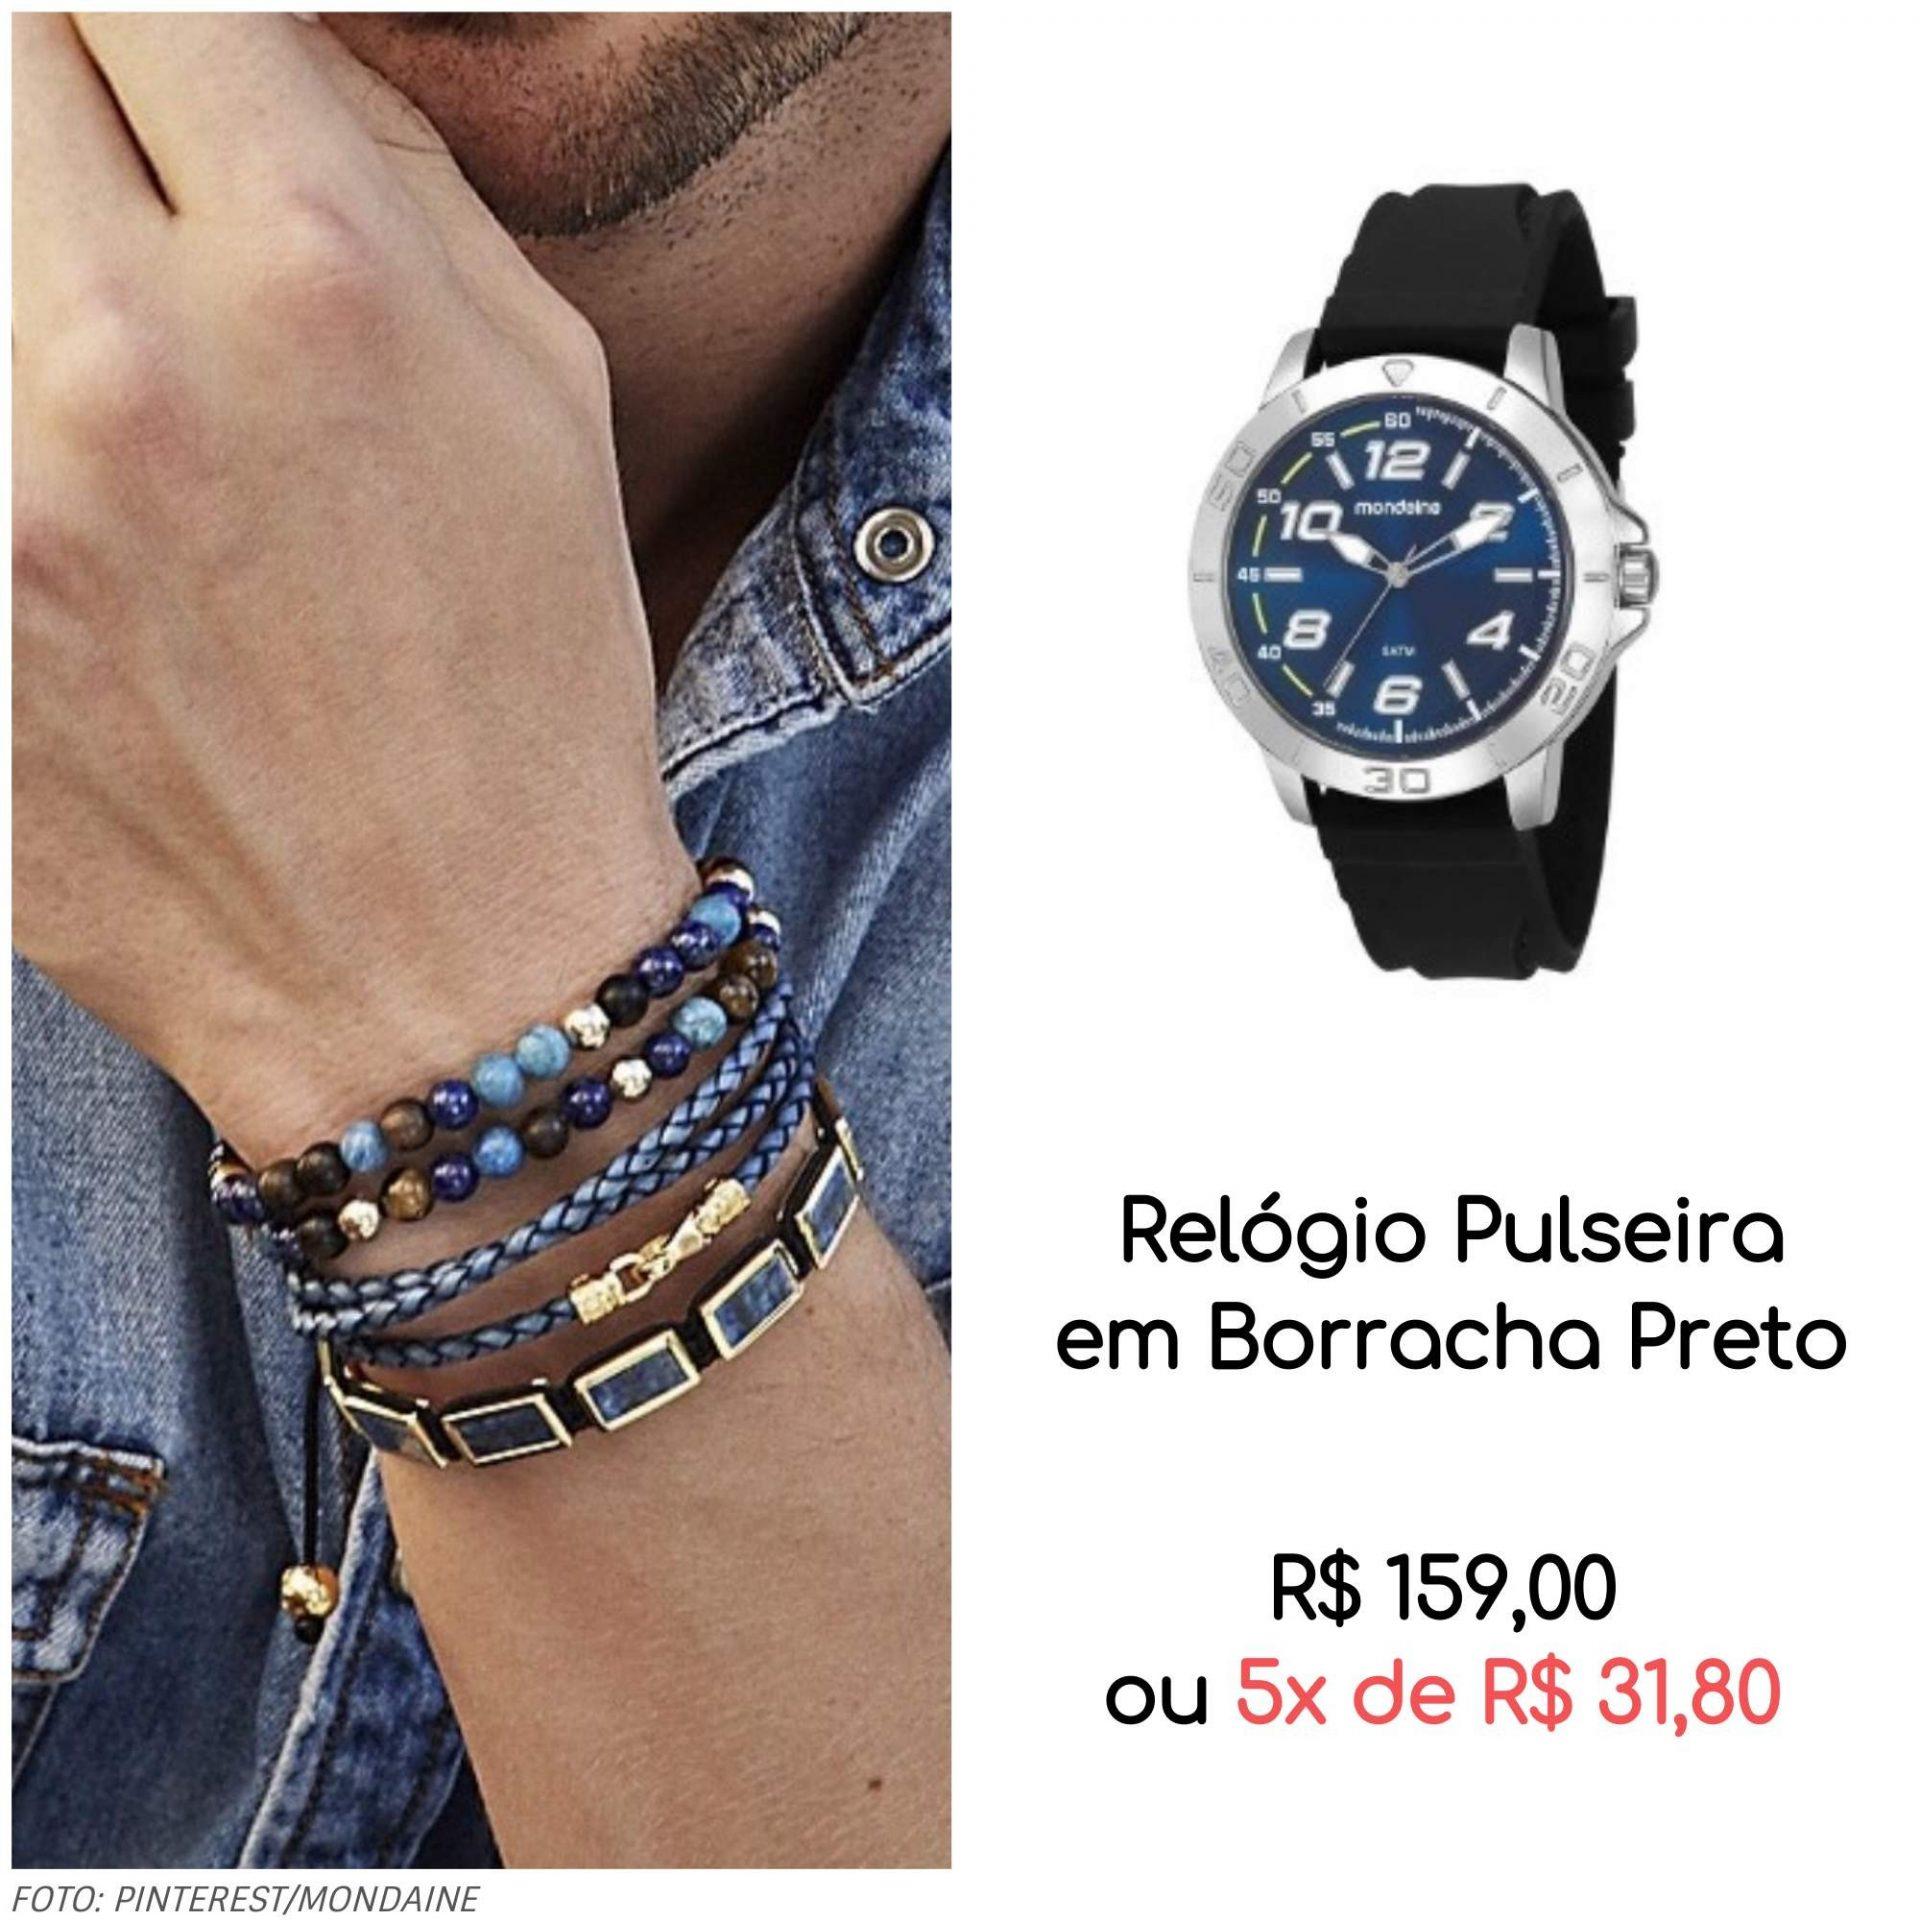 05 relógio com pulseiras 1 - Trend Alert: mix de relógio com pulseiras (muitas pulseiras!)